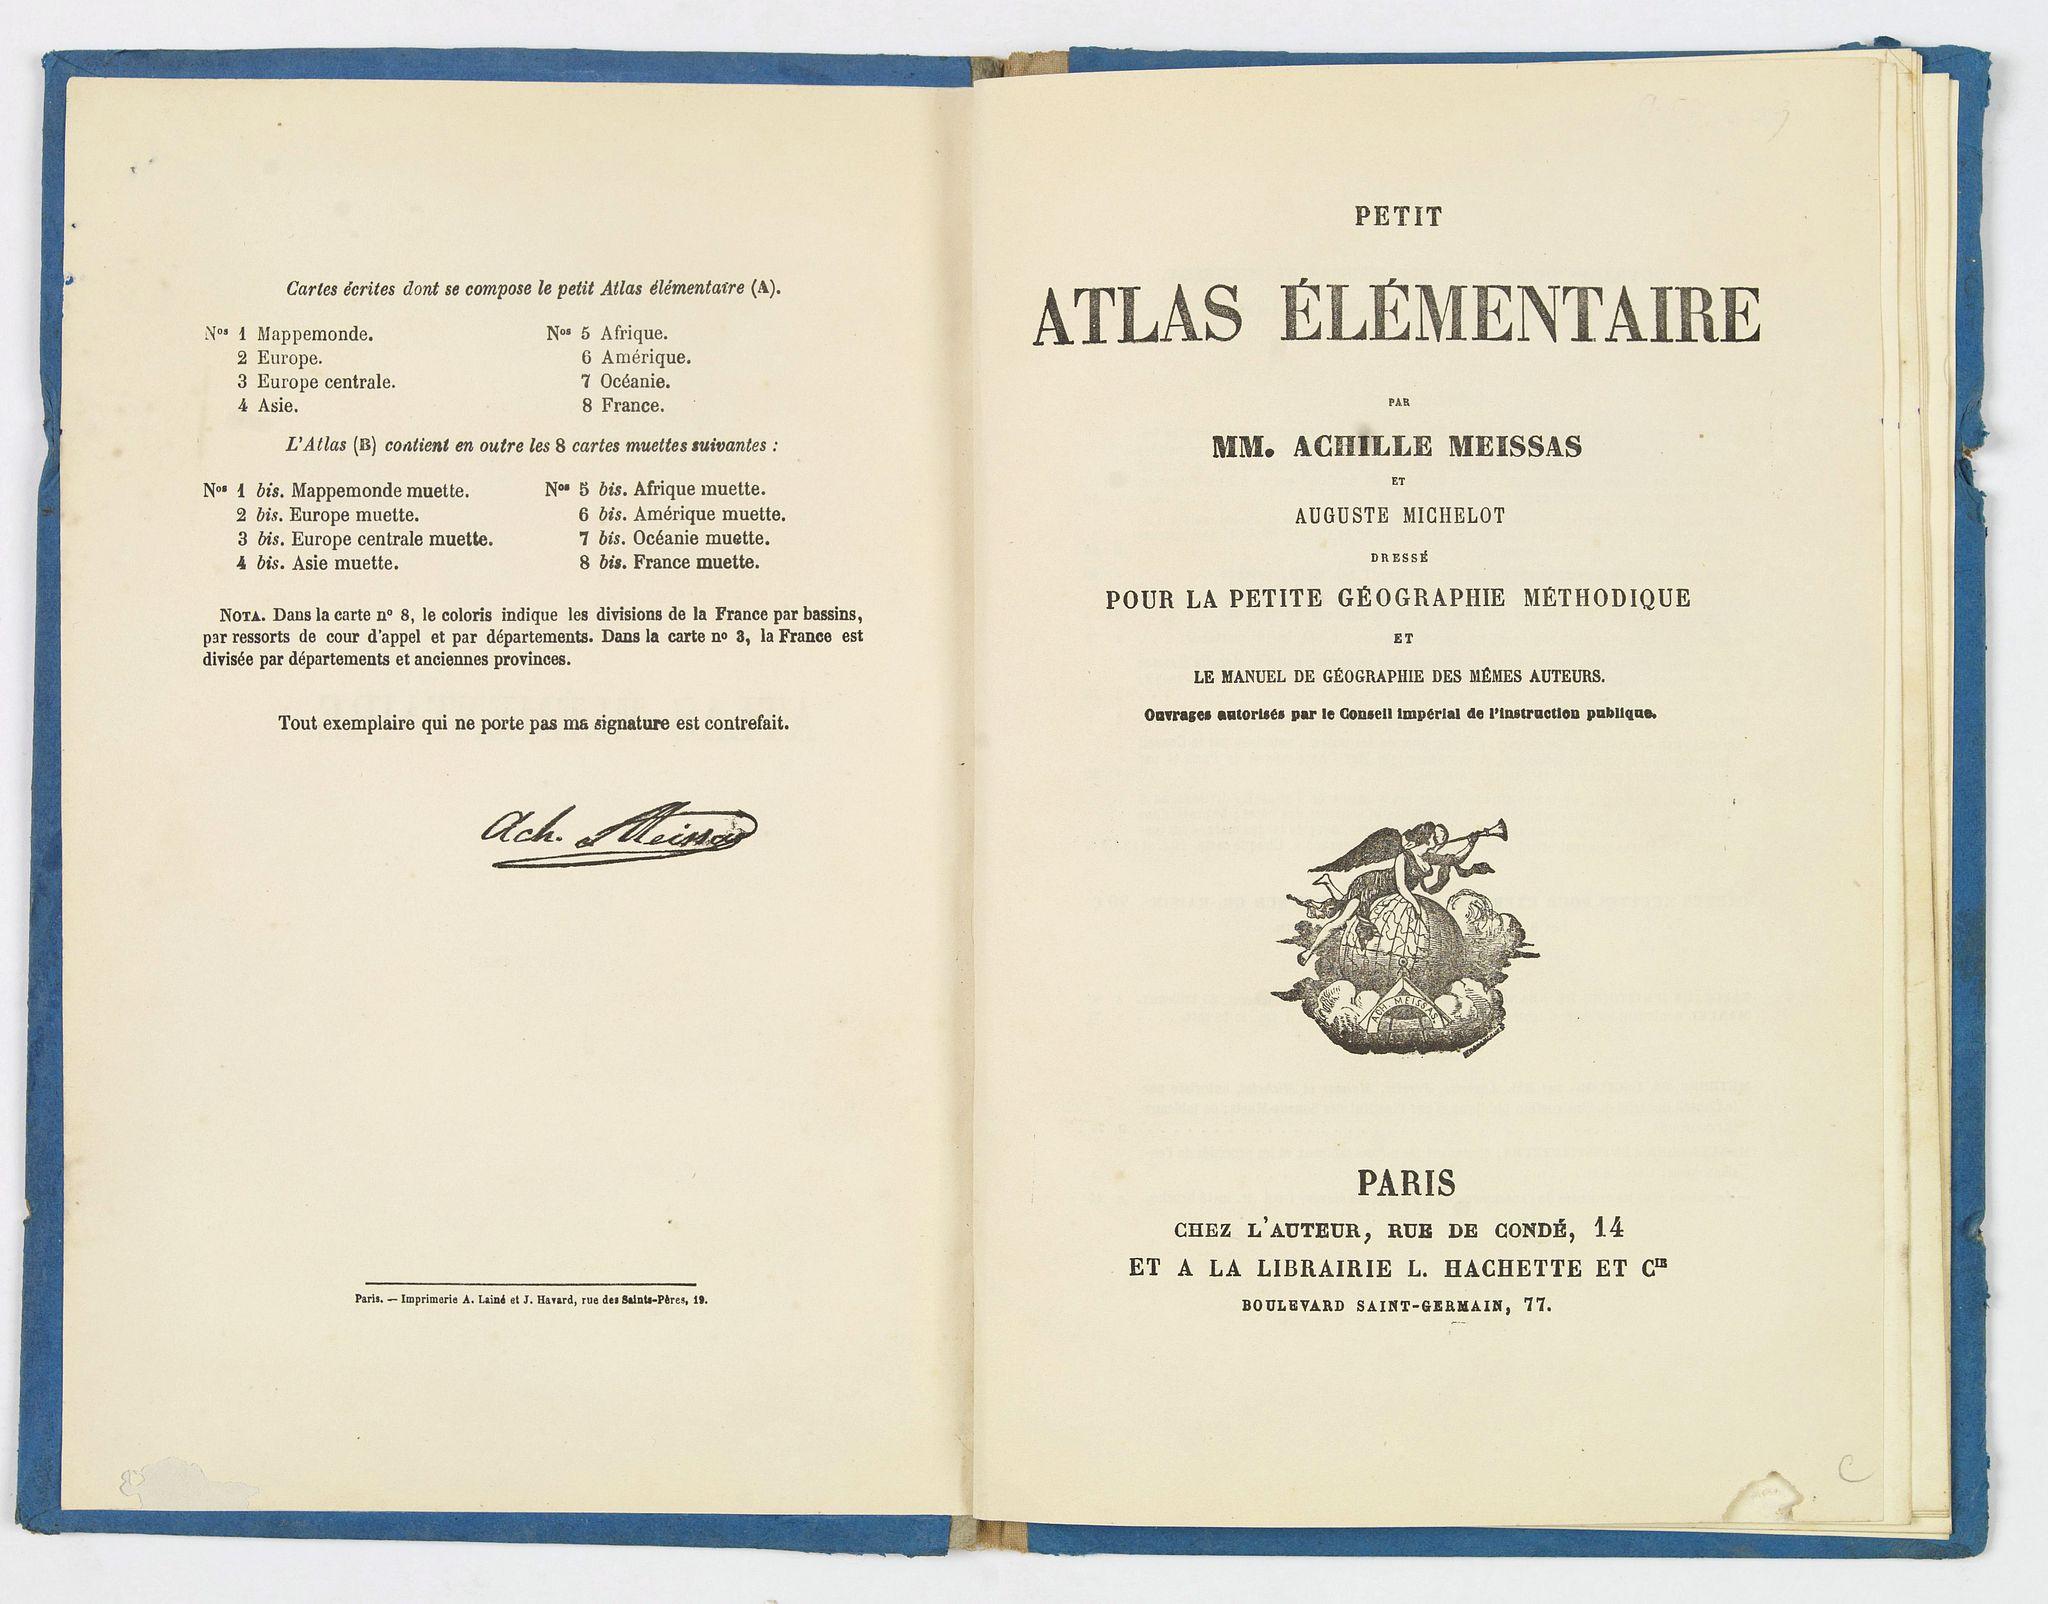 MEISSAS / MICHELOT. - Petit Atlas Elementaire.